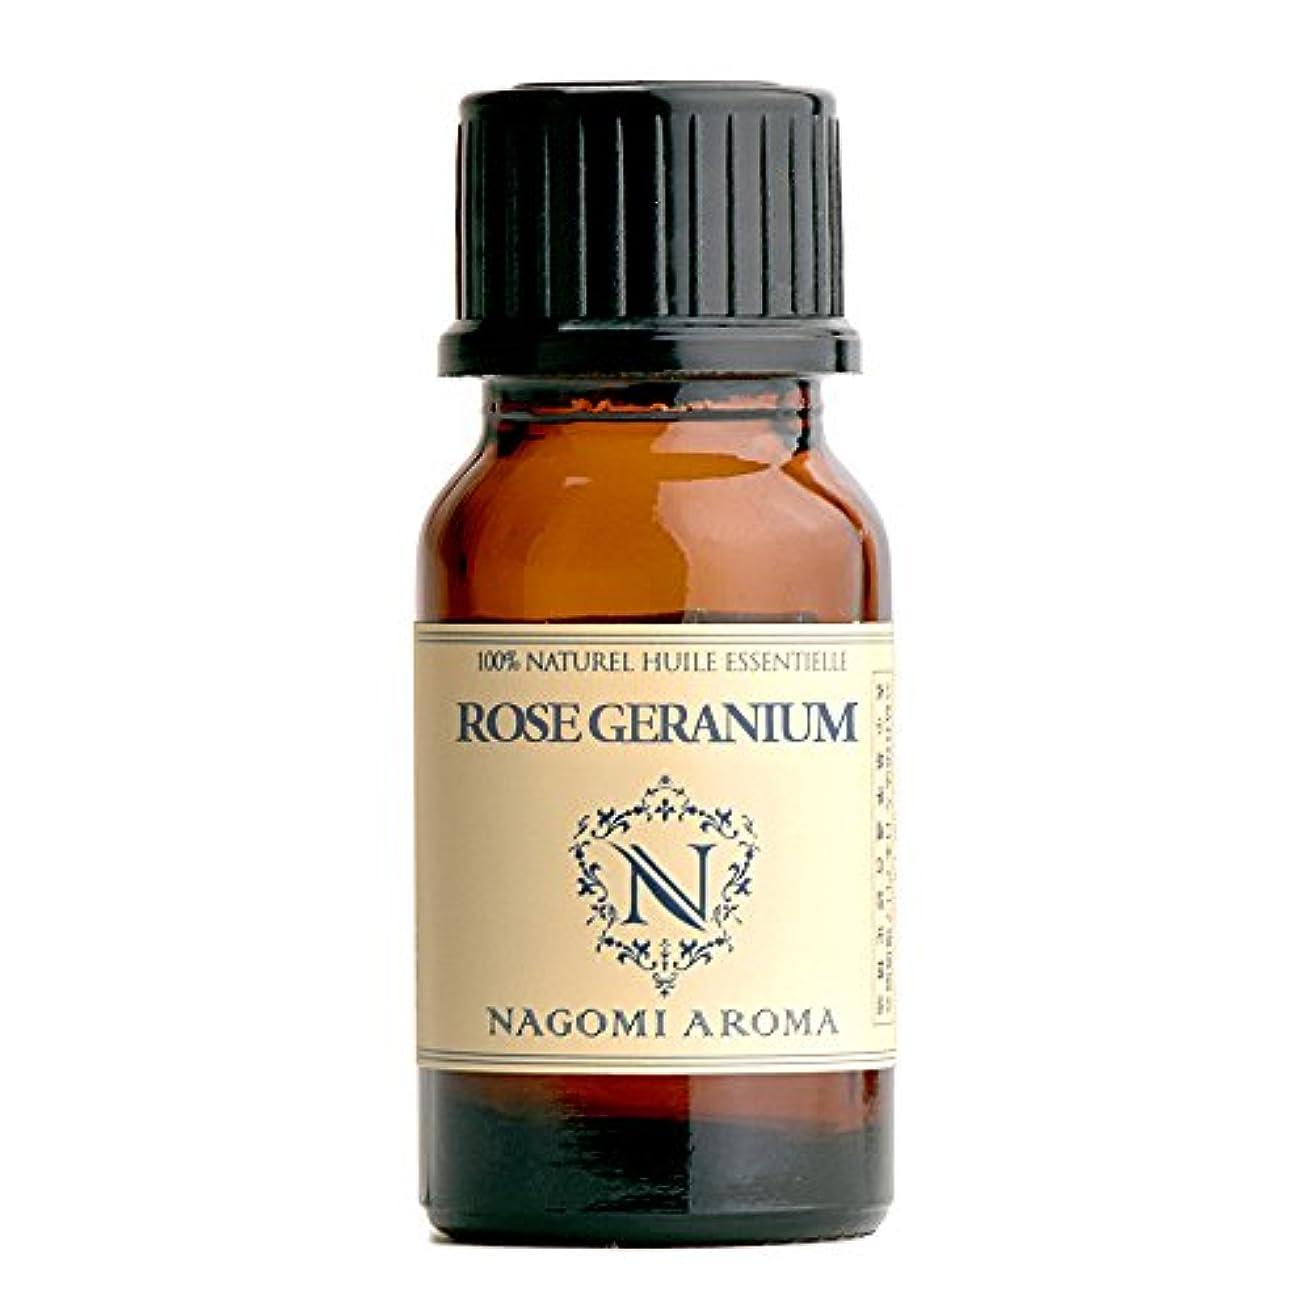 めったに調査頂点NAGOMI AROMA ローズゼラニウム 10ml 【AEAJ認定精油】【アロマオイル】